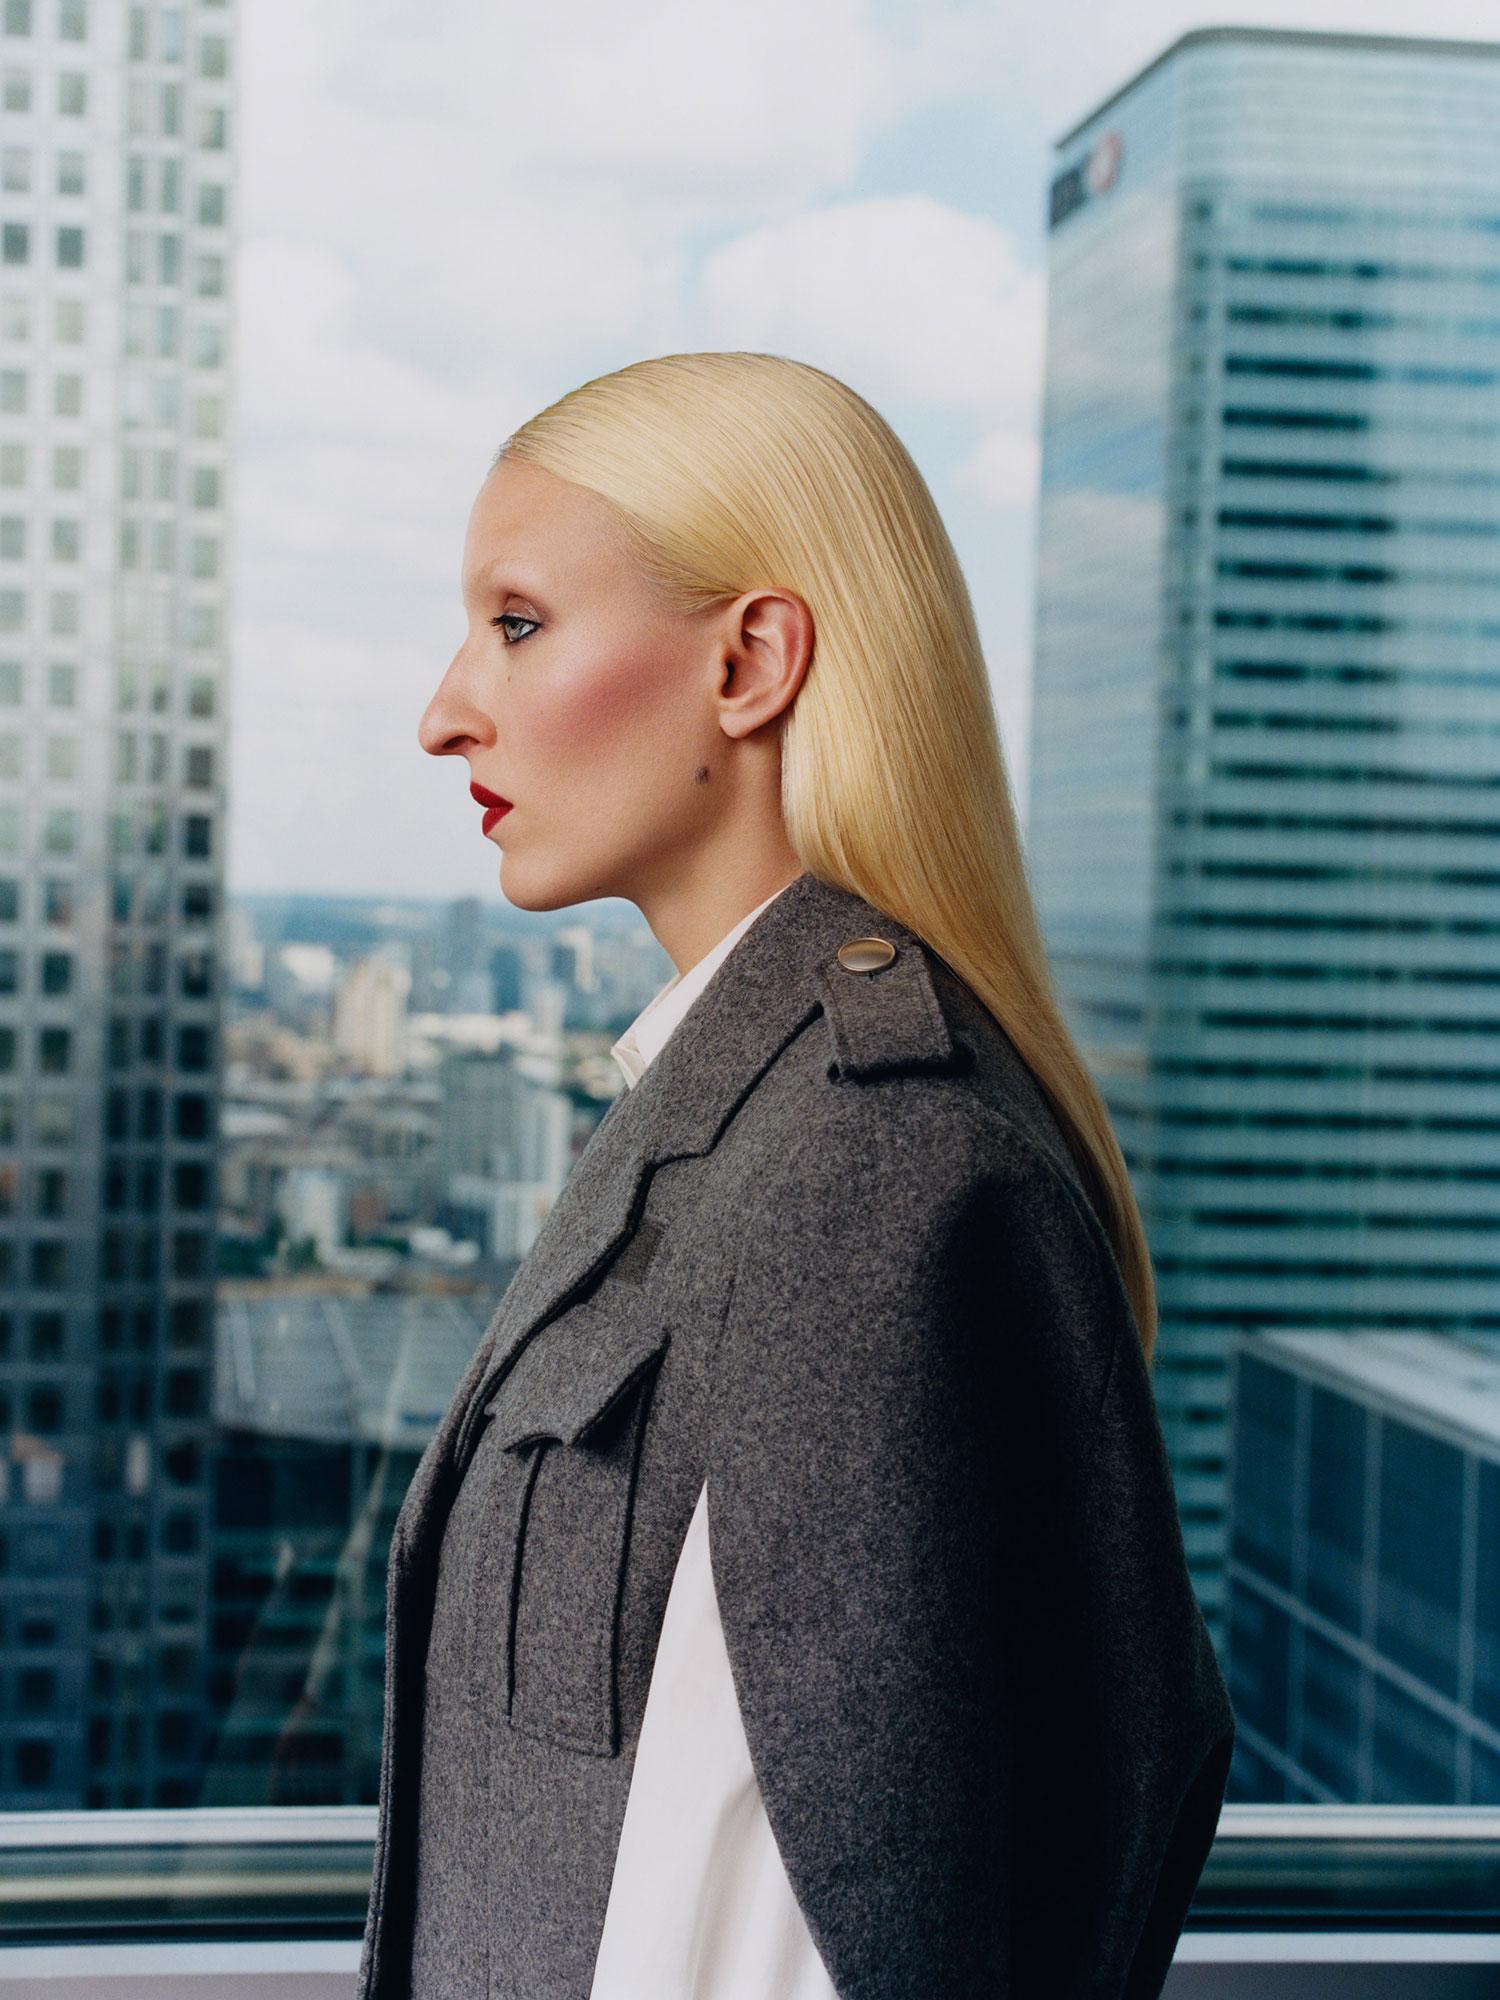 Greg Lin Jiajie Fashion Photography photographer Jiajie Lin Greglin